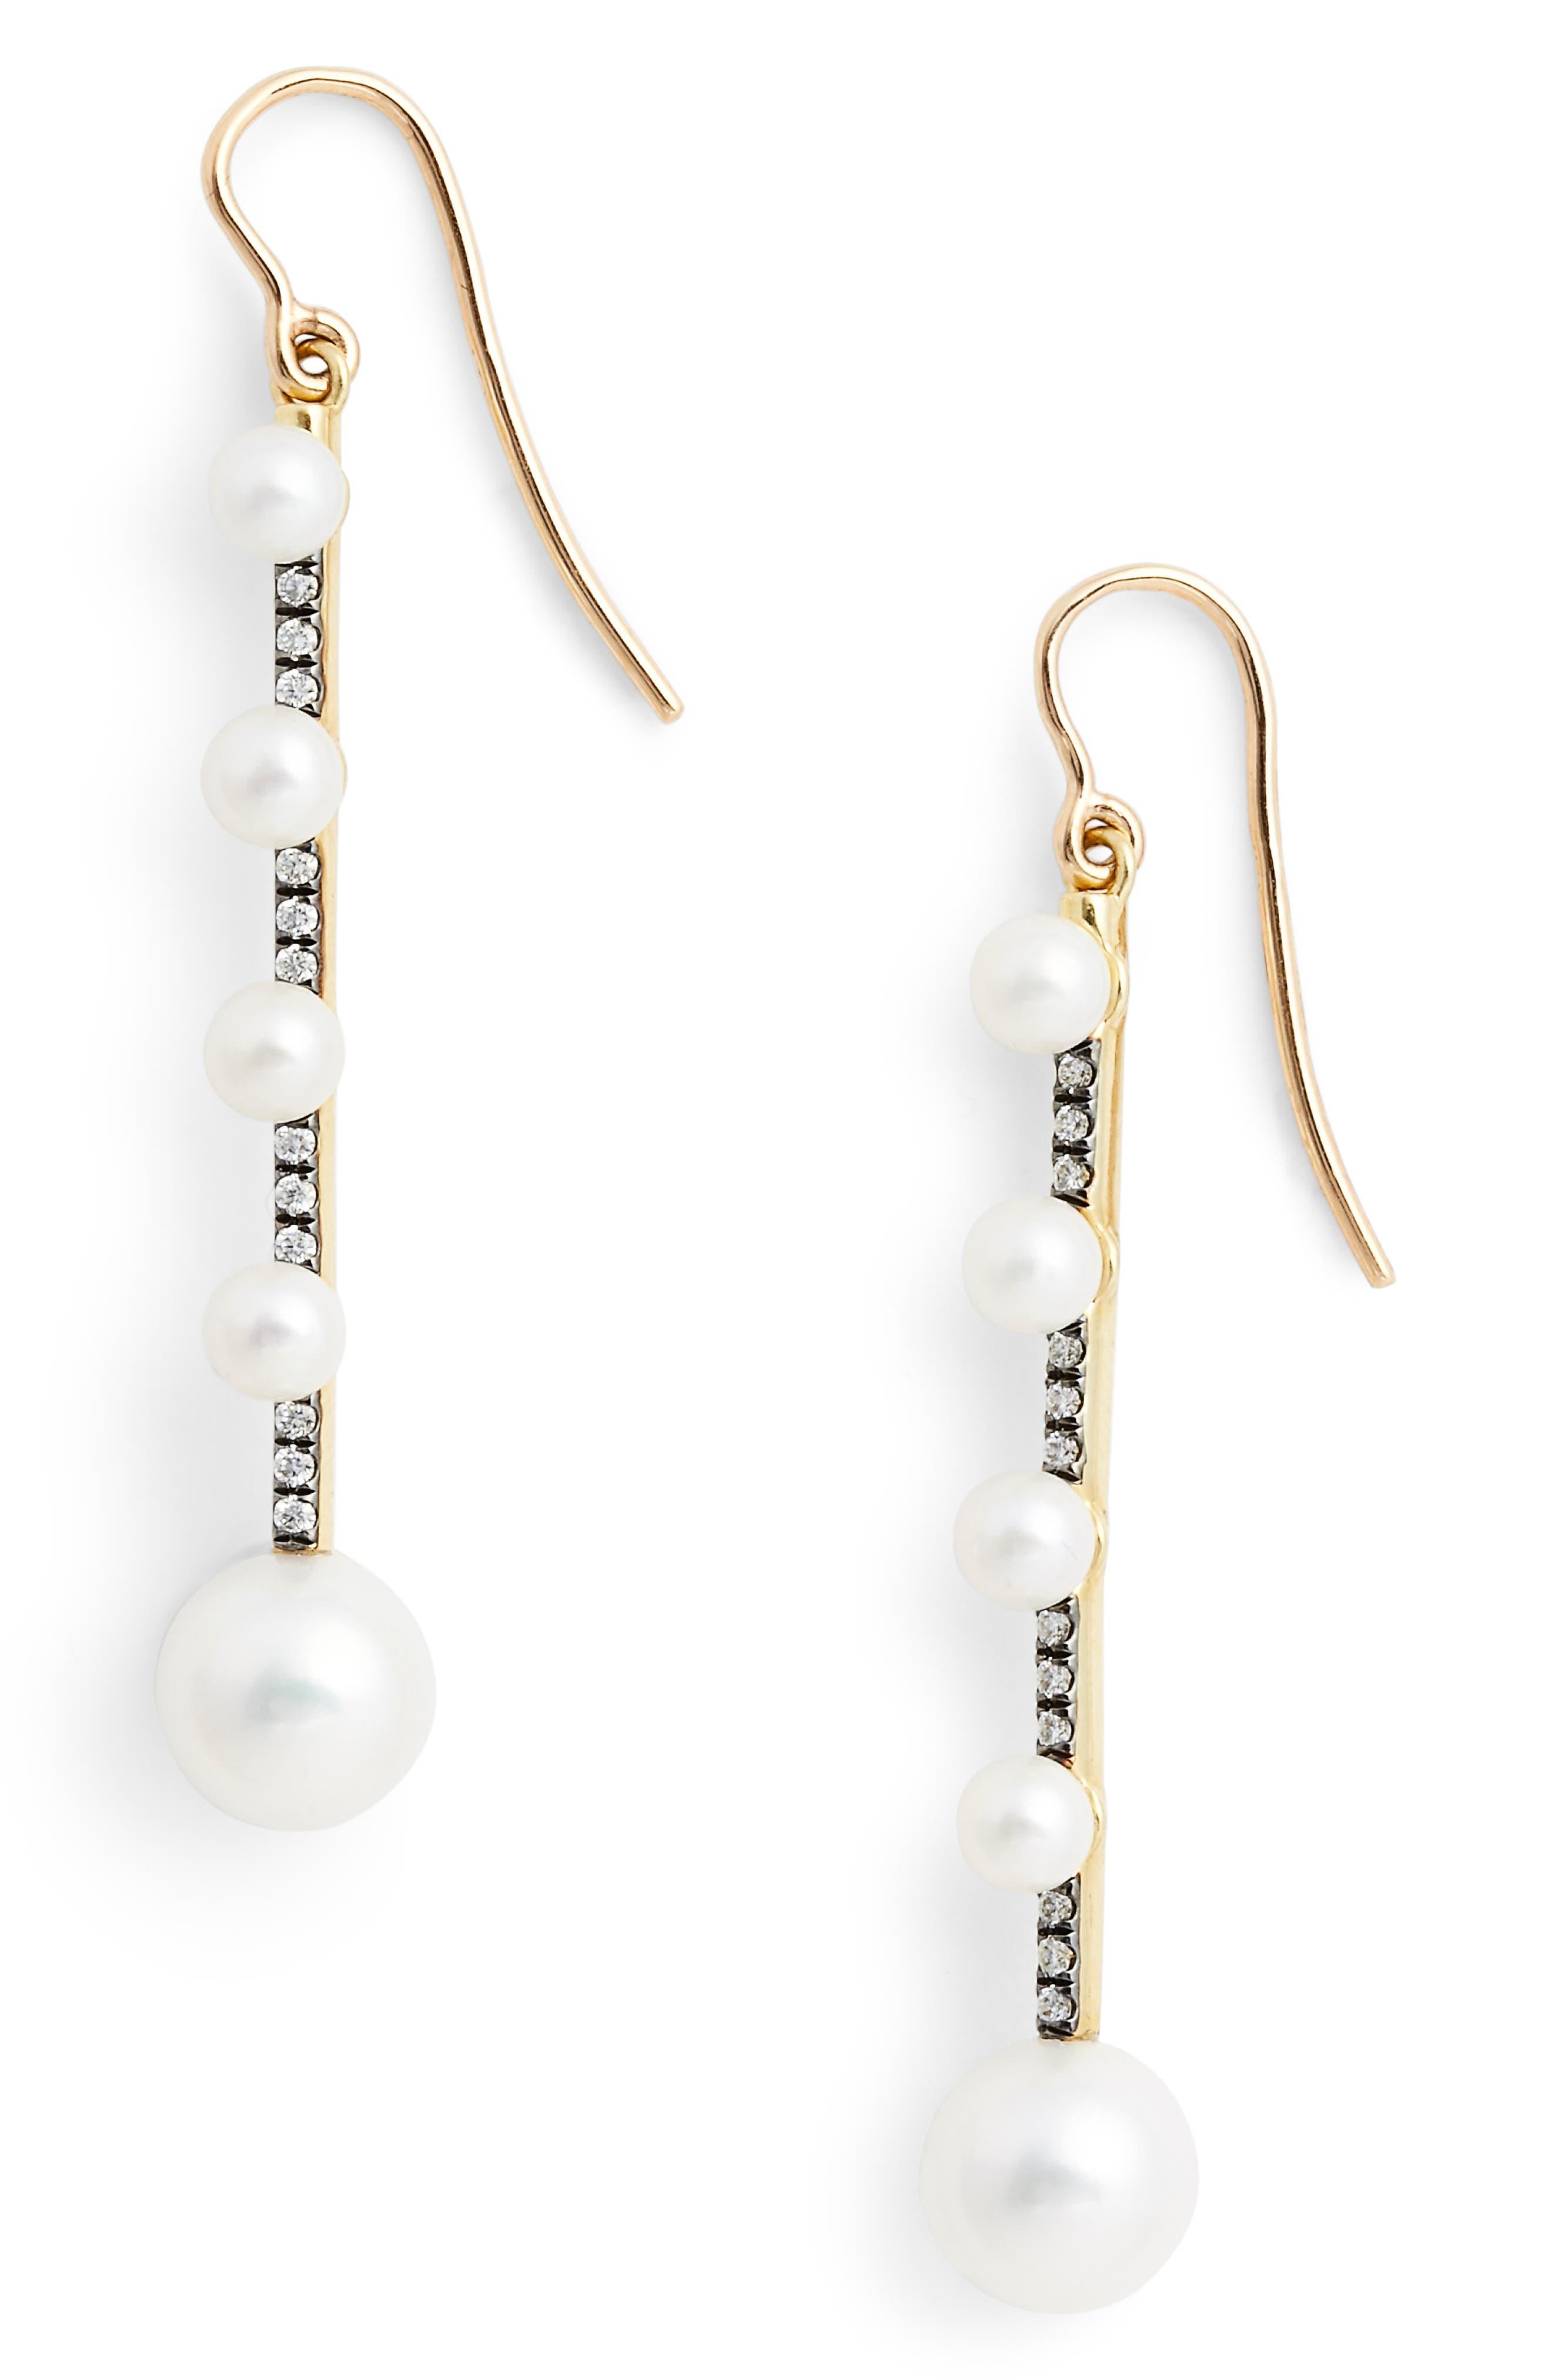 Jemma Wynne Prive Pearl & Diamond Drop Earrings